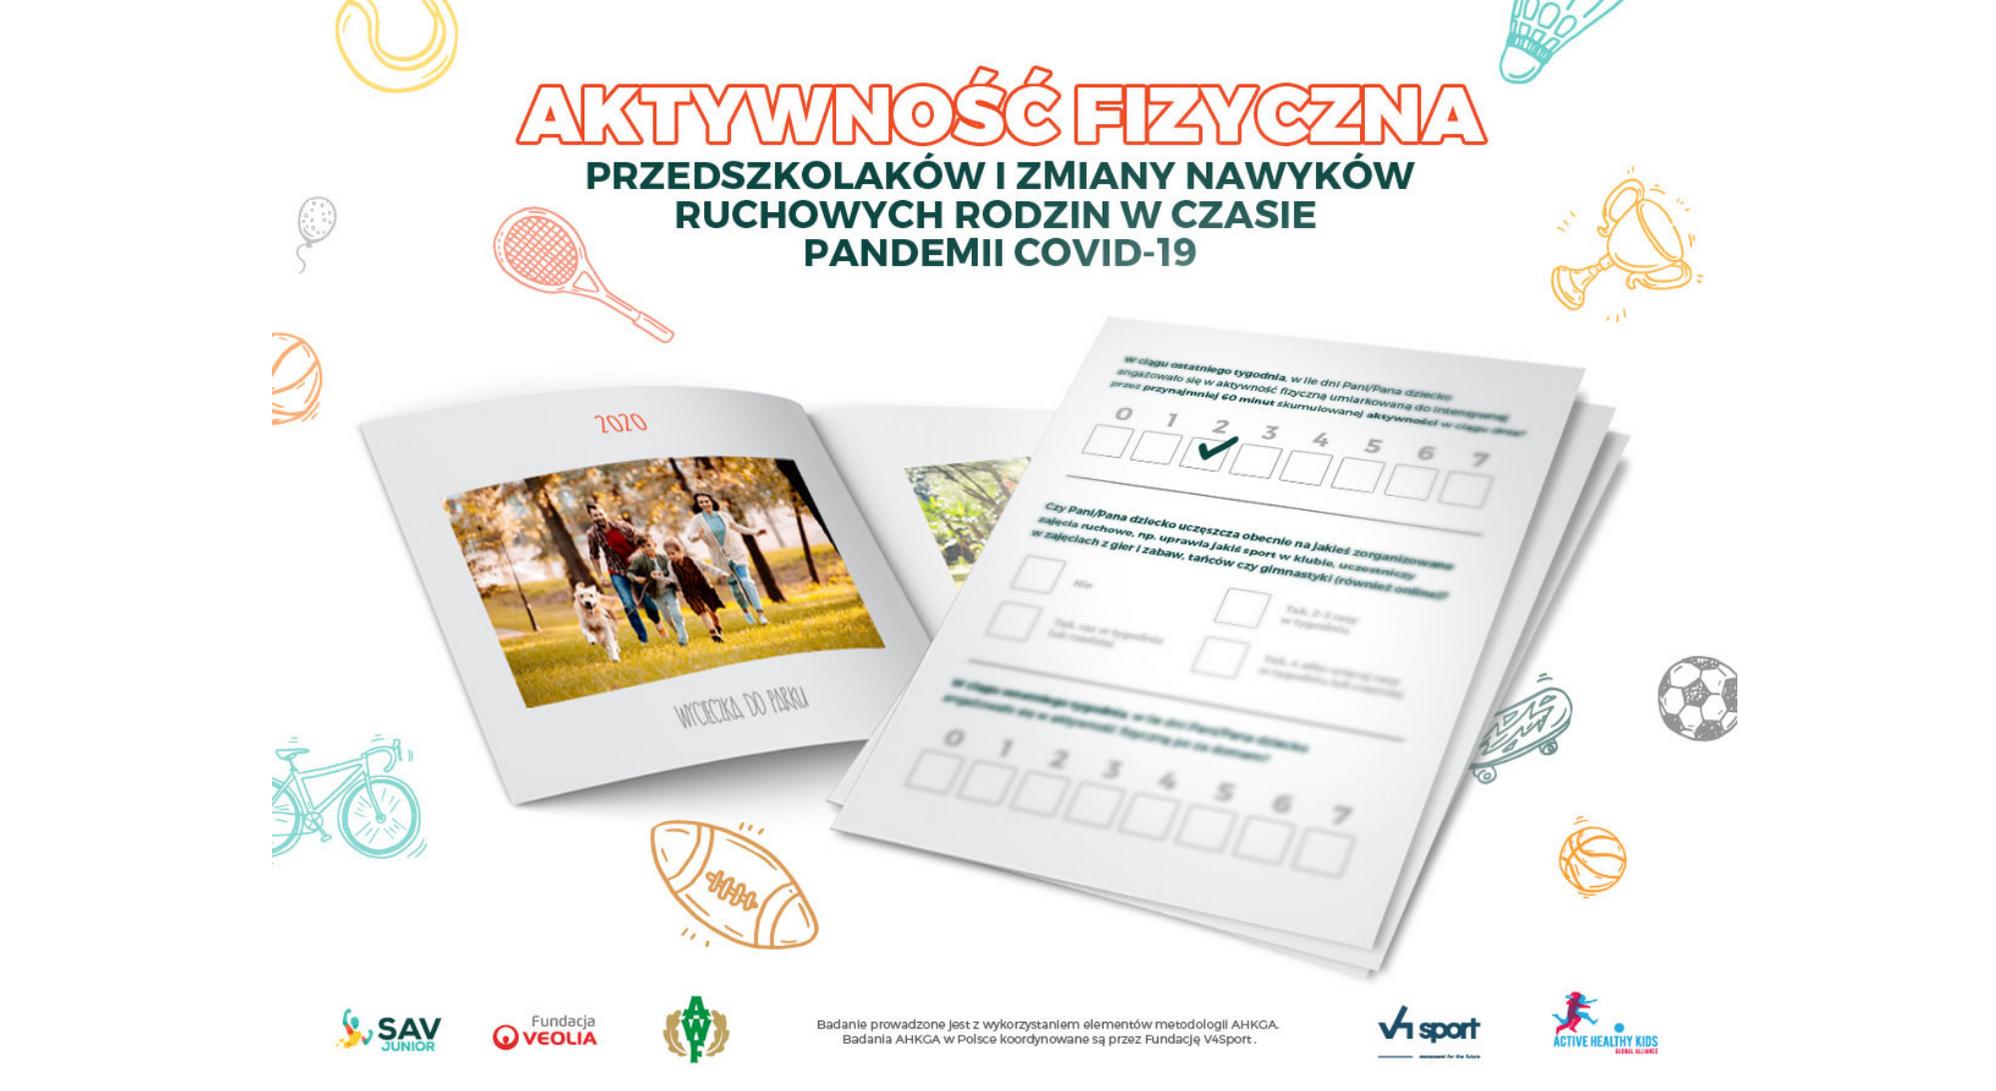 https://m.powiatszczycienski.pl/2021/03/orig/badanie-38997.png